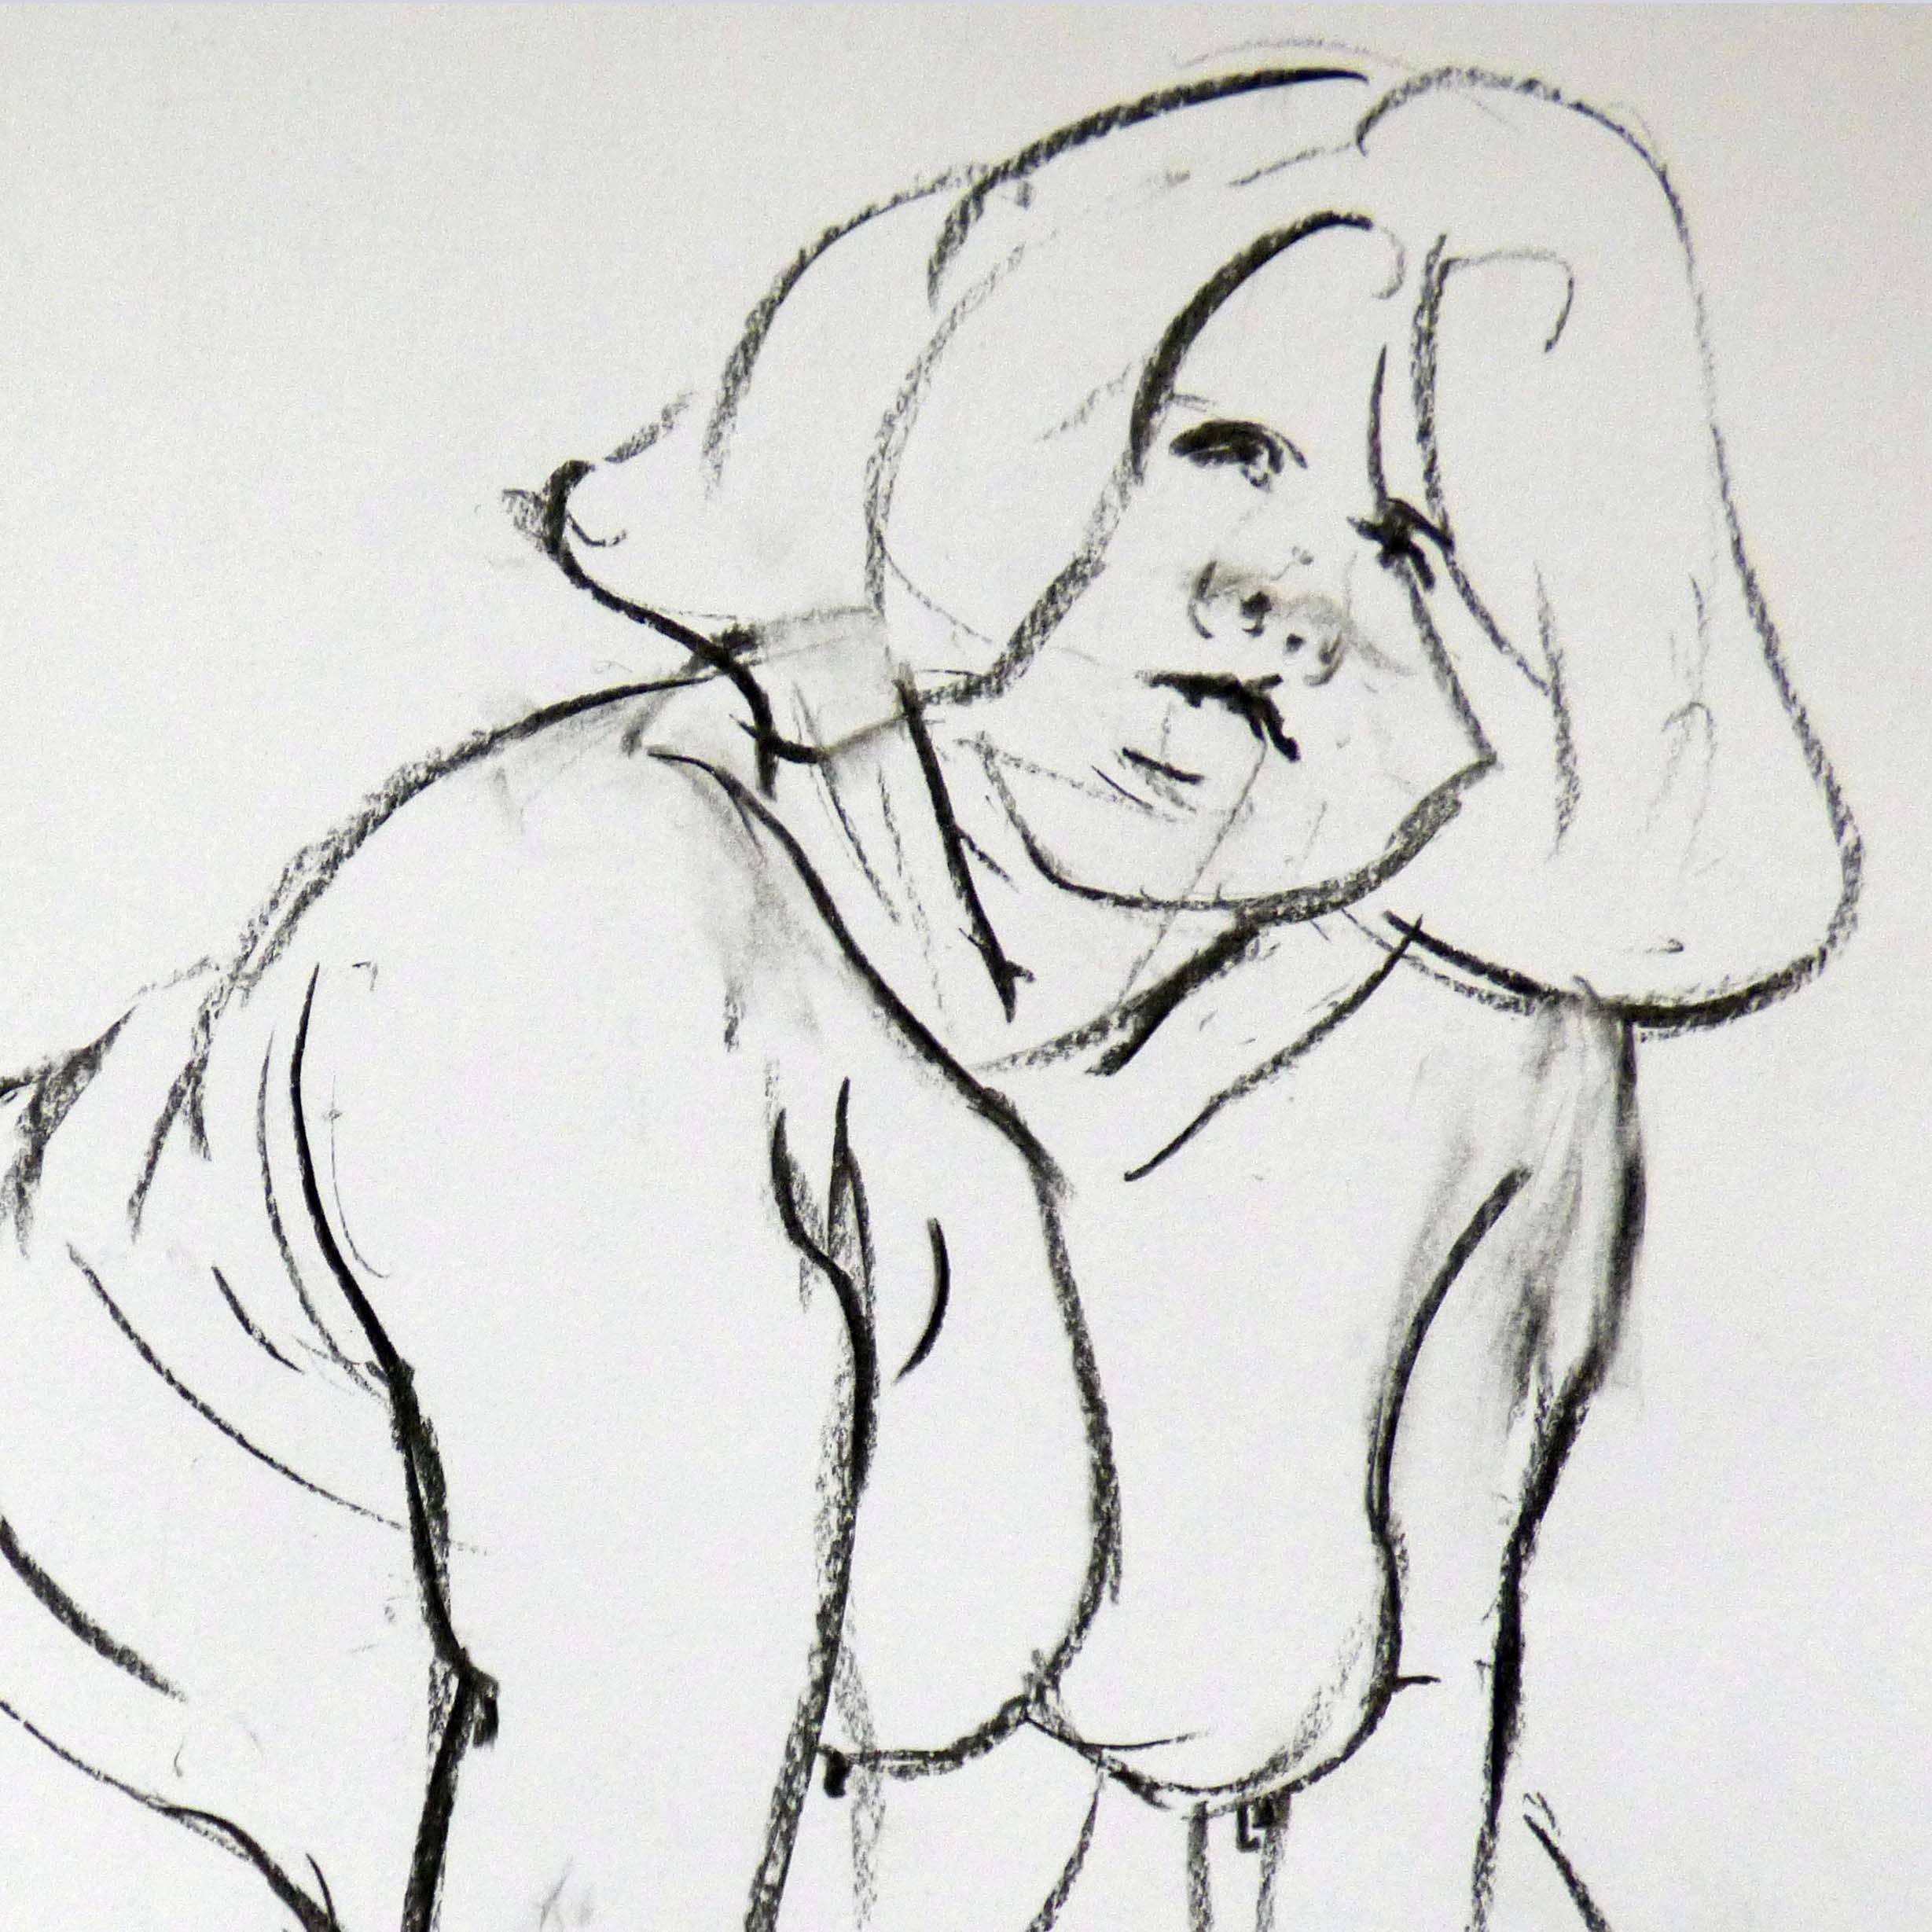 zeichnung-v-auf-holz-20x20-2014